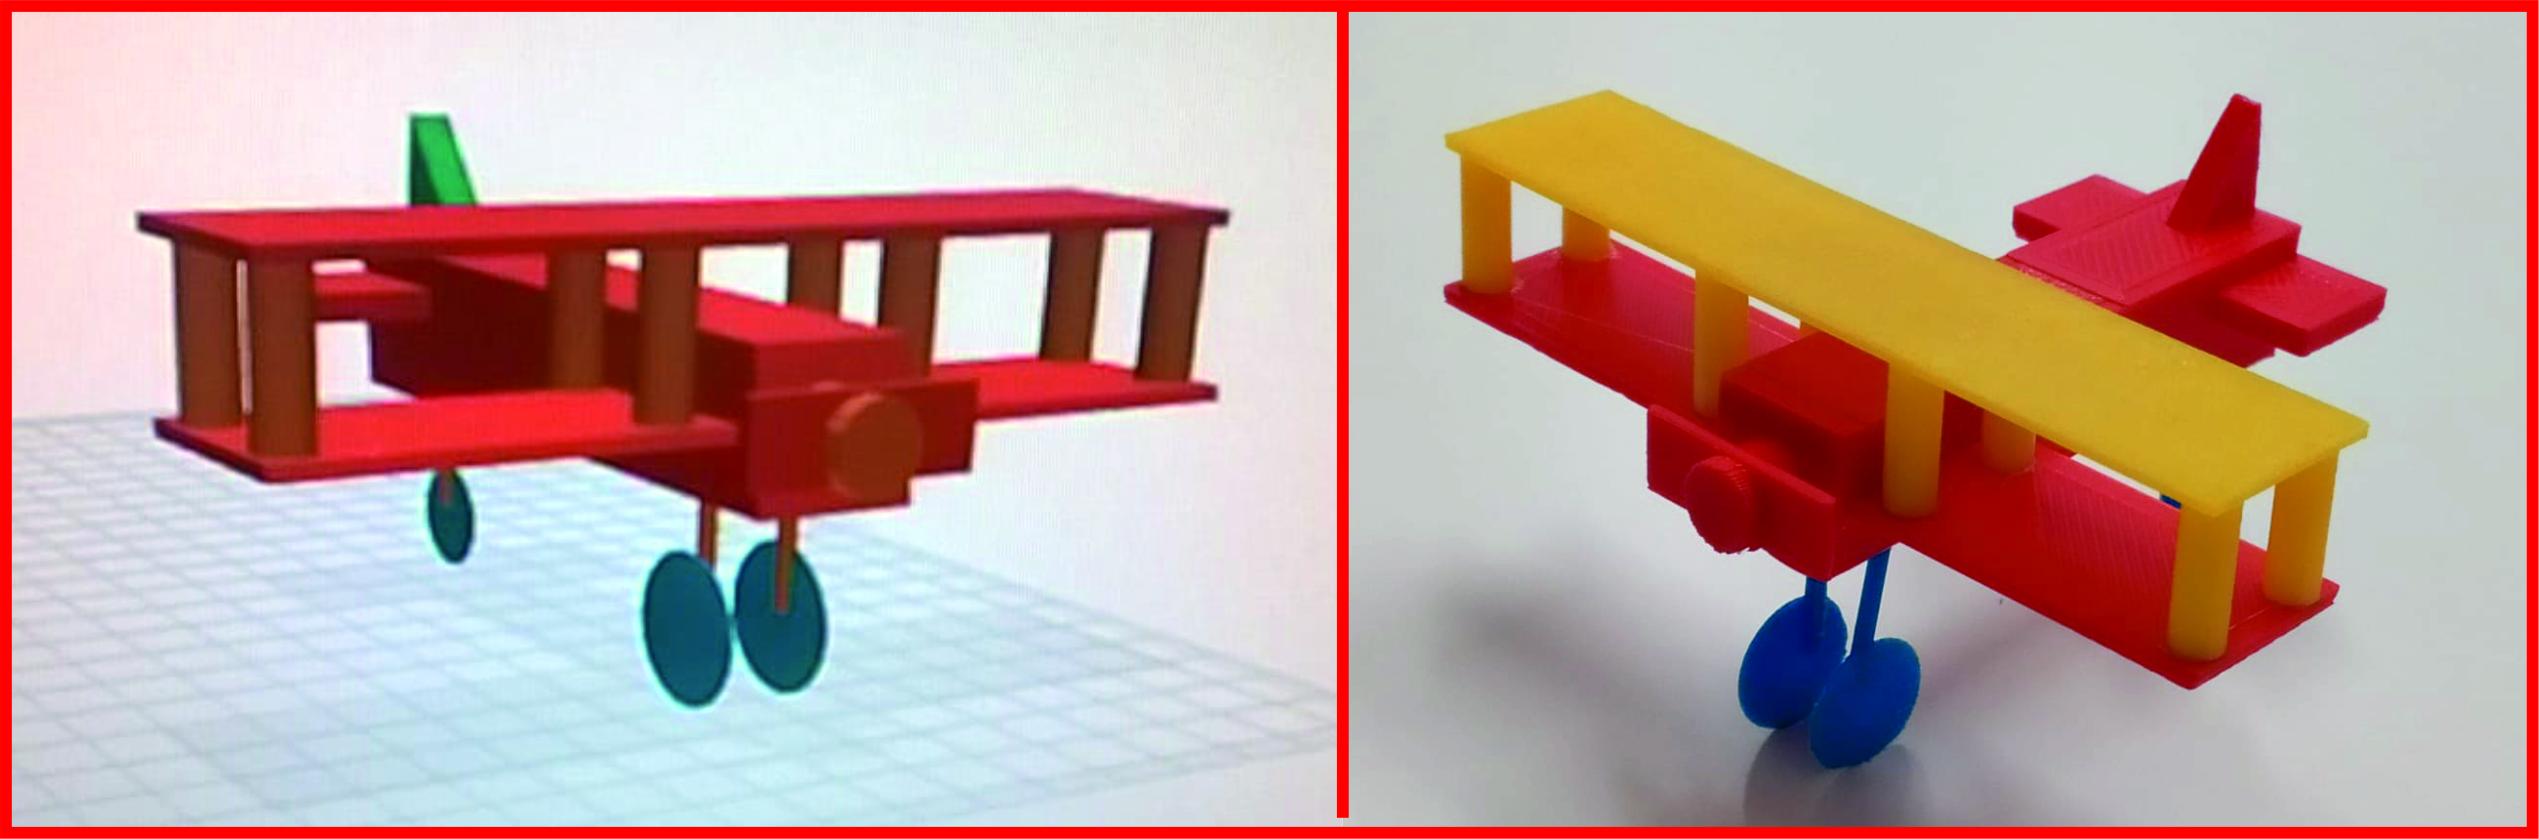 stampa3D-sugarcad-pon-scuola-fablabpalermo